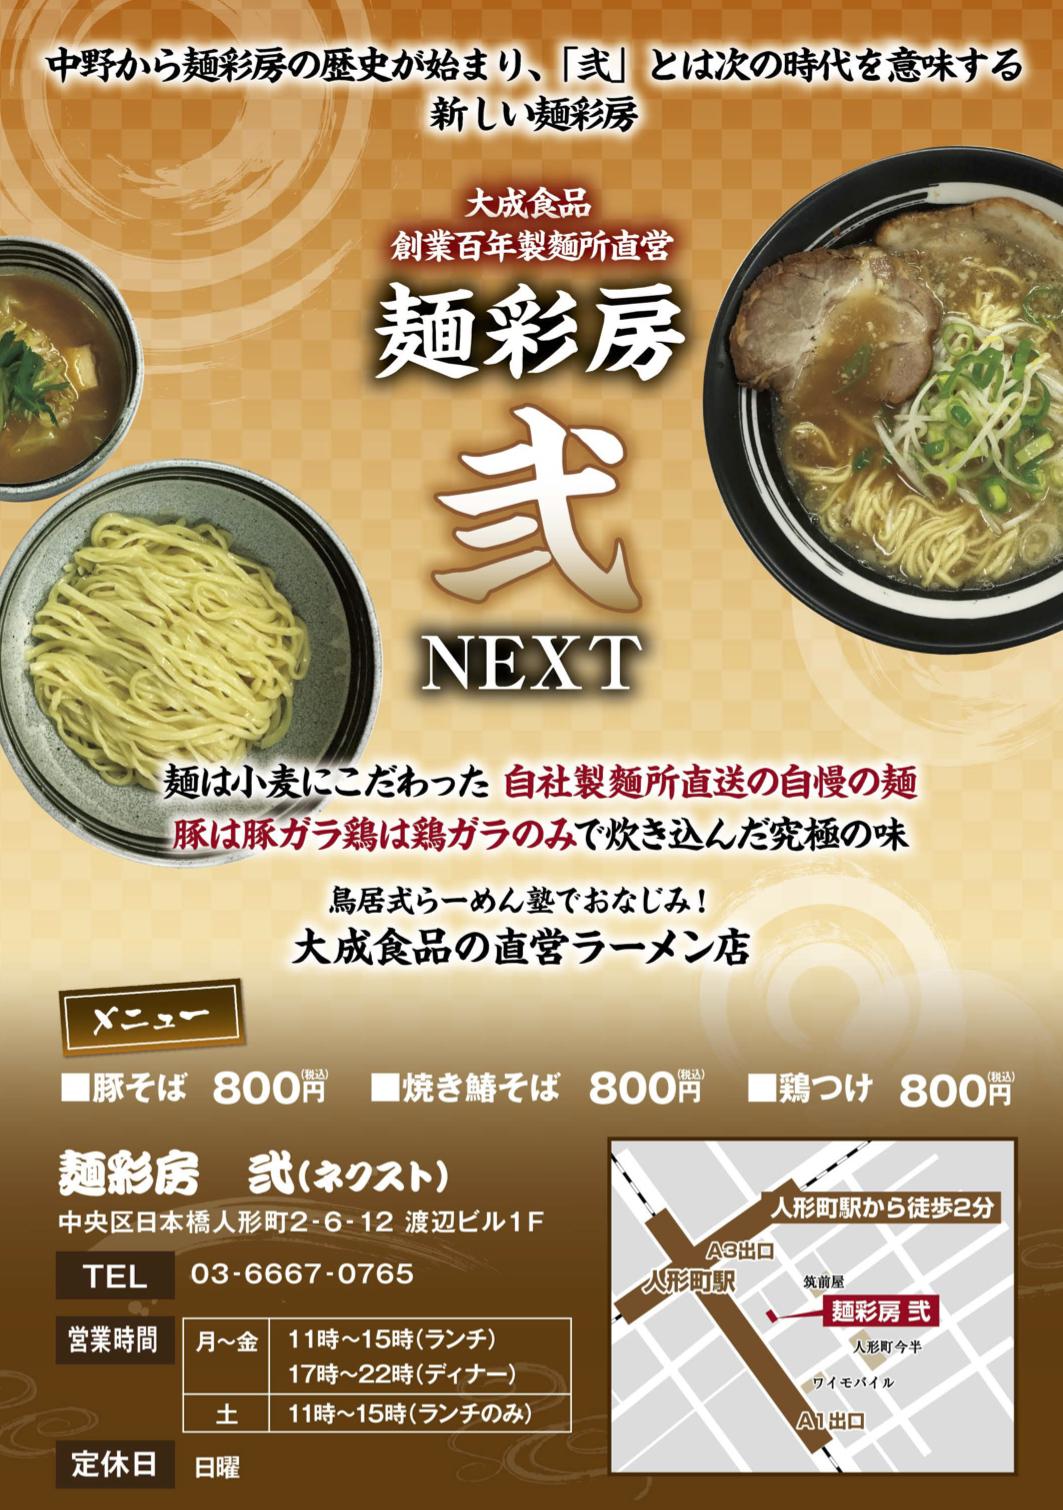 大成食品直営ラーメン専門店 麺彩房弐NEXT営業情報